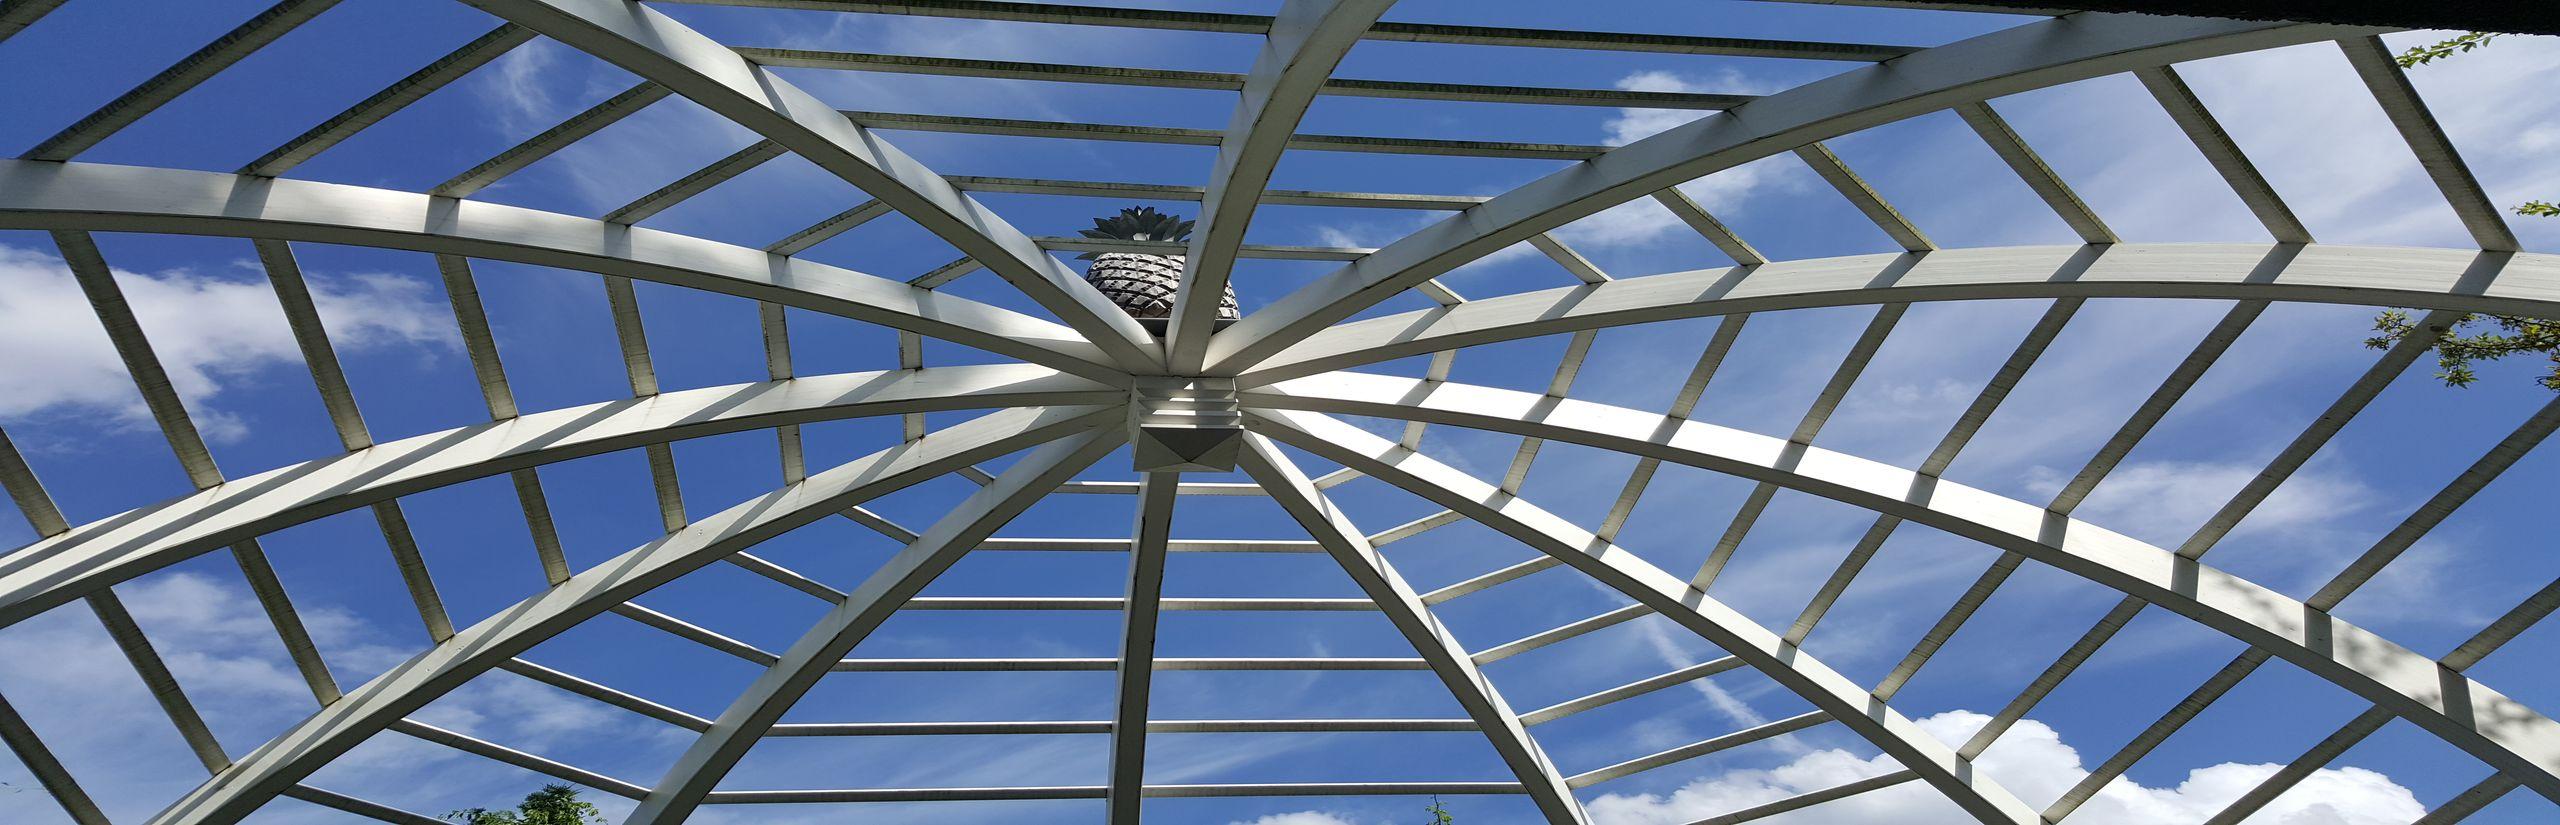 Freie Trauung - Blick in den Himmel - Christian G. Binder